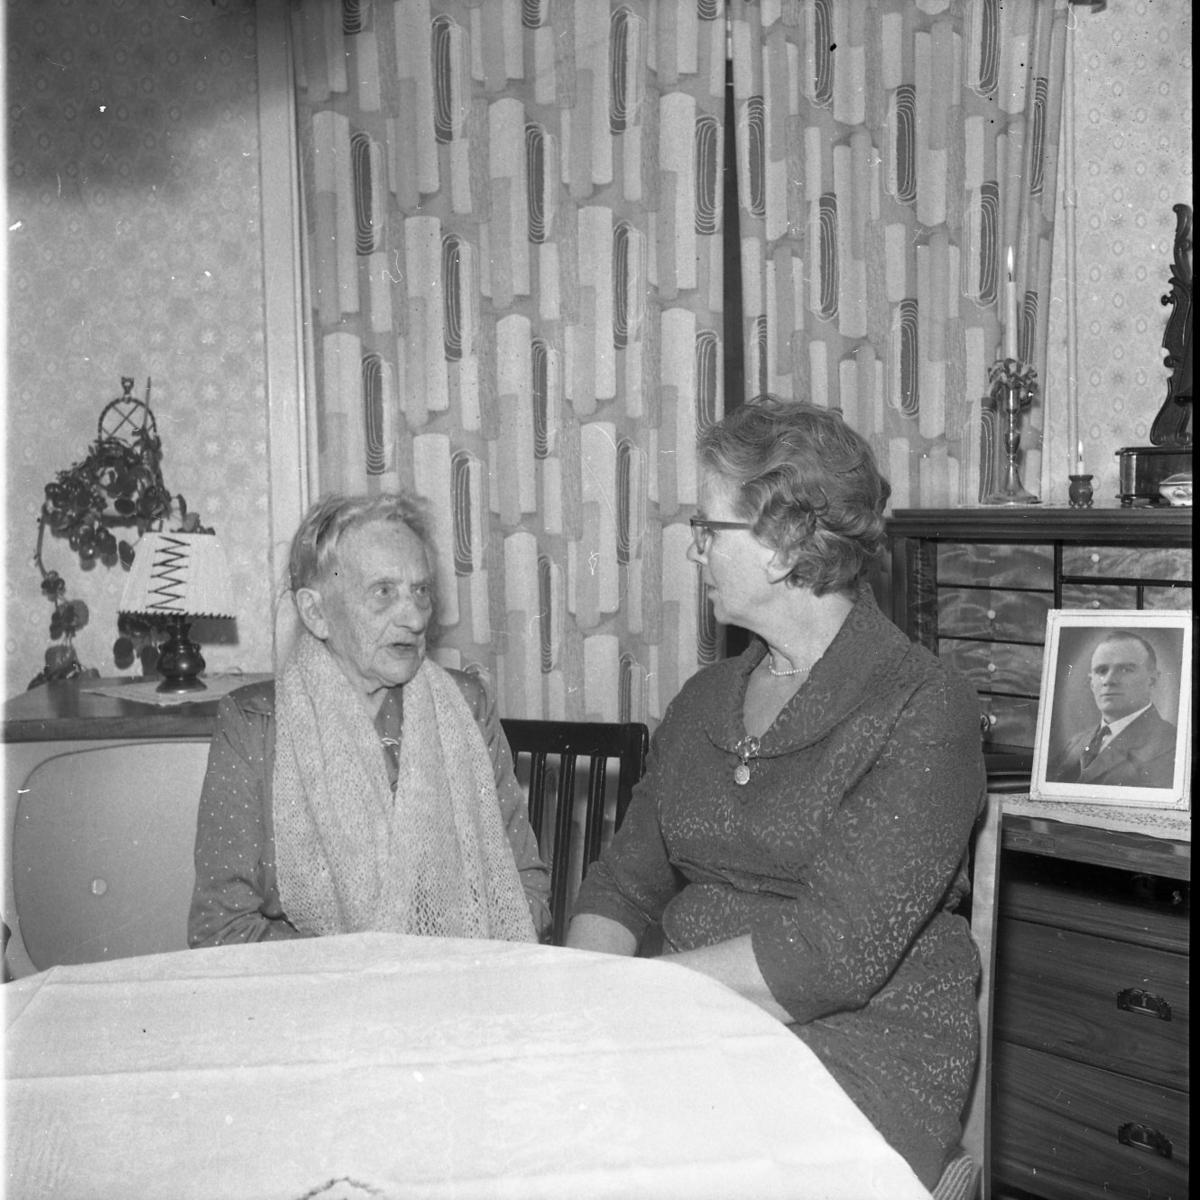 En äldre dam sitter i en hemmiljö och pratar med en något yngre dam. Ett porträtt av en man står på chiffonjen bredvid dem.